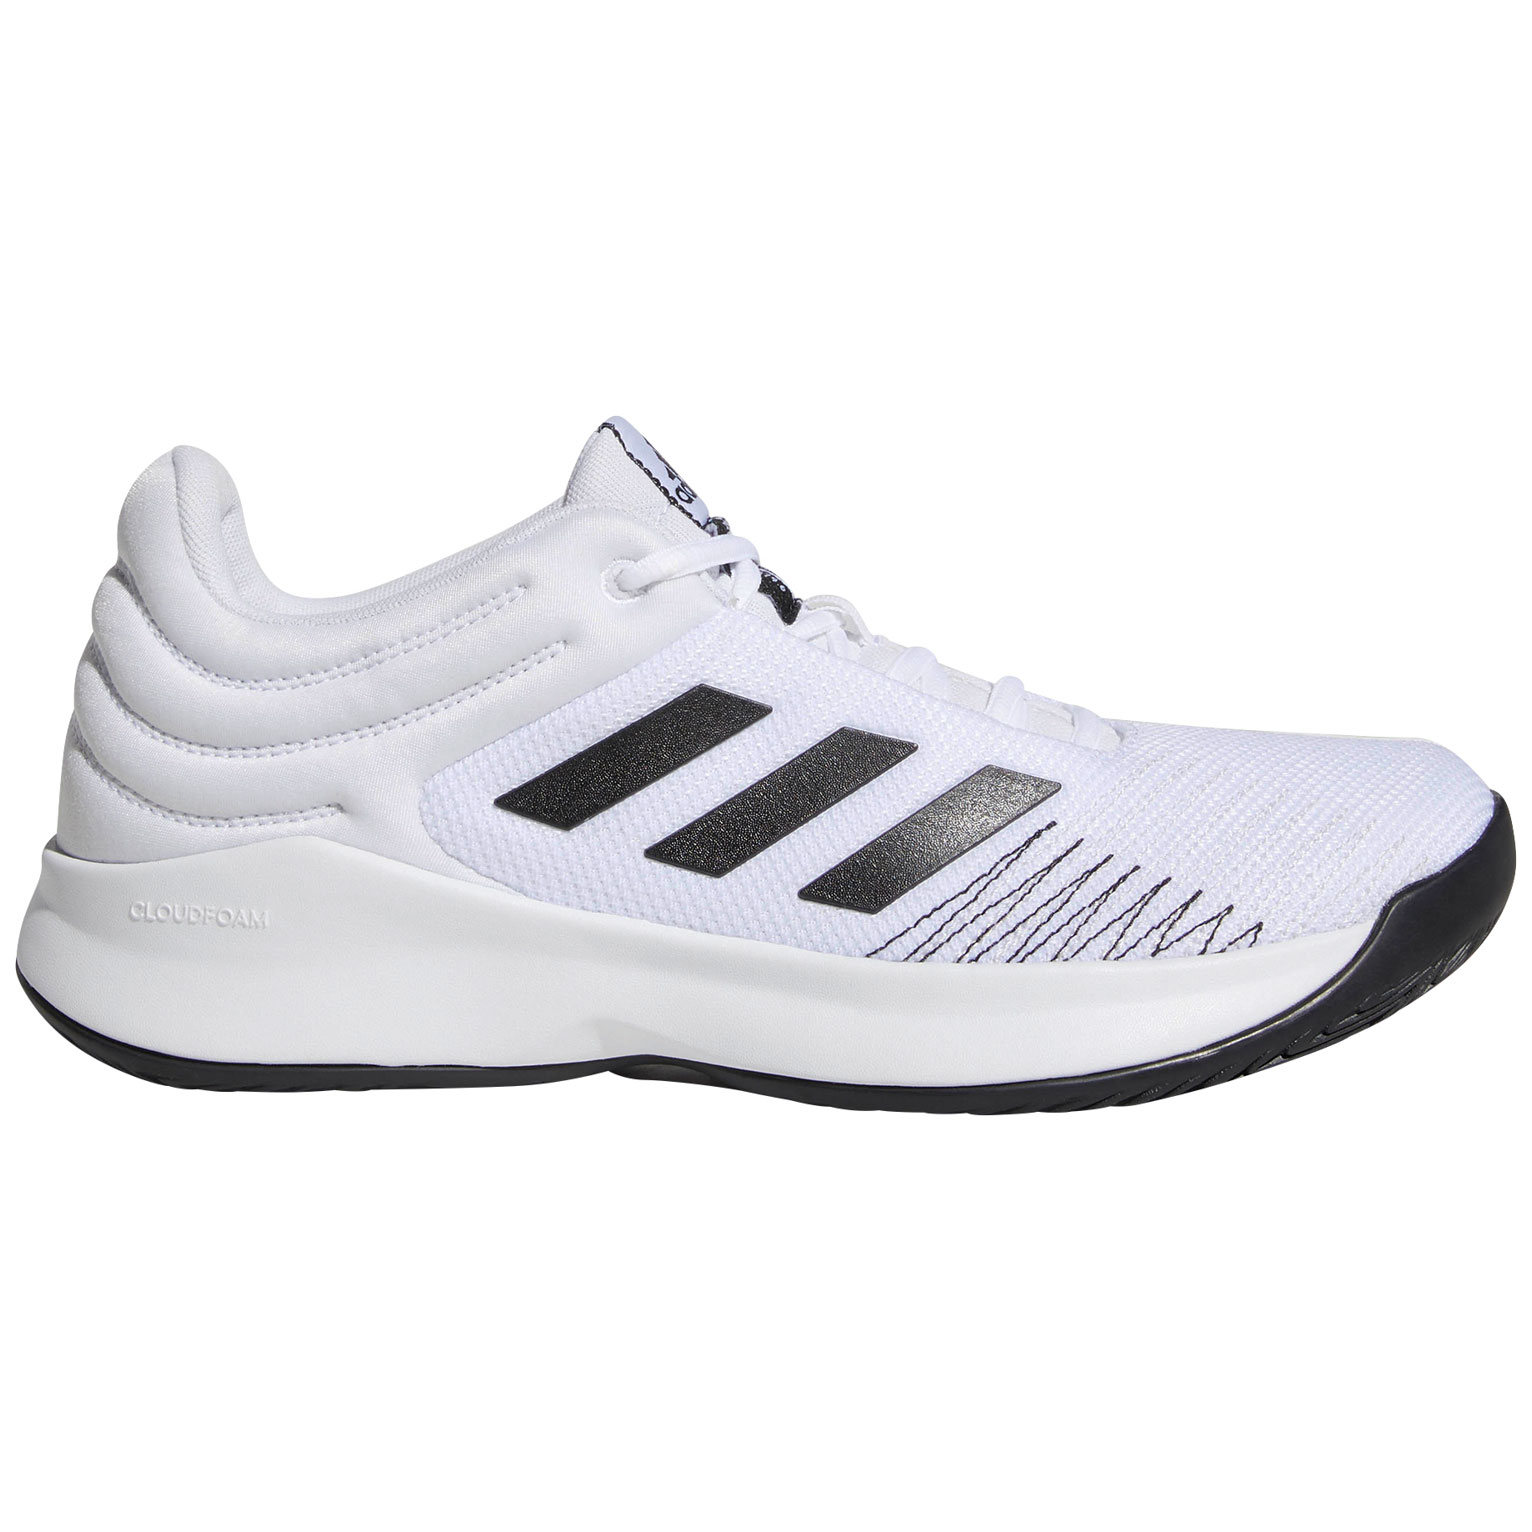 Sparks 2018 Basketballschuh Low Weiß Adidas Pro Übergröße In nvOmNw80